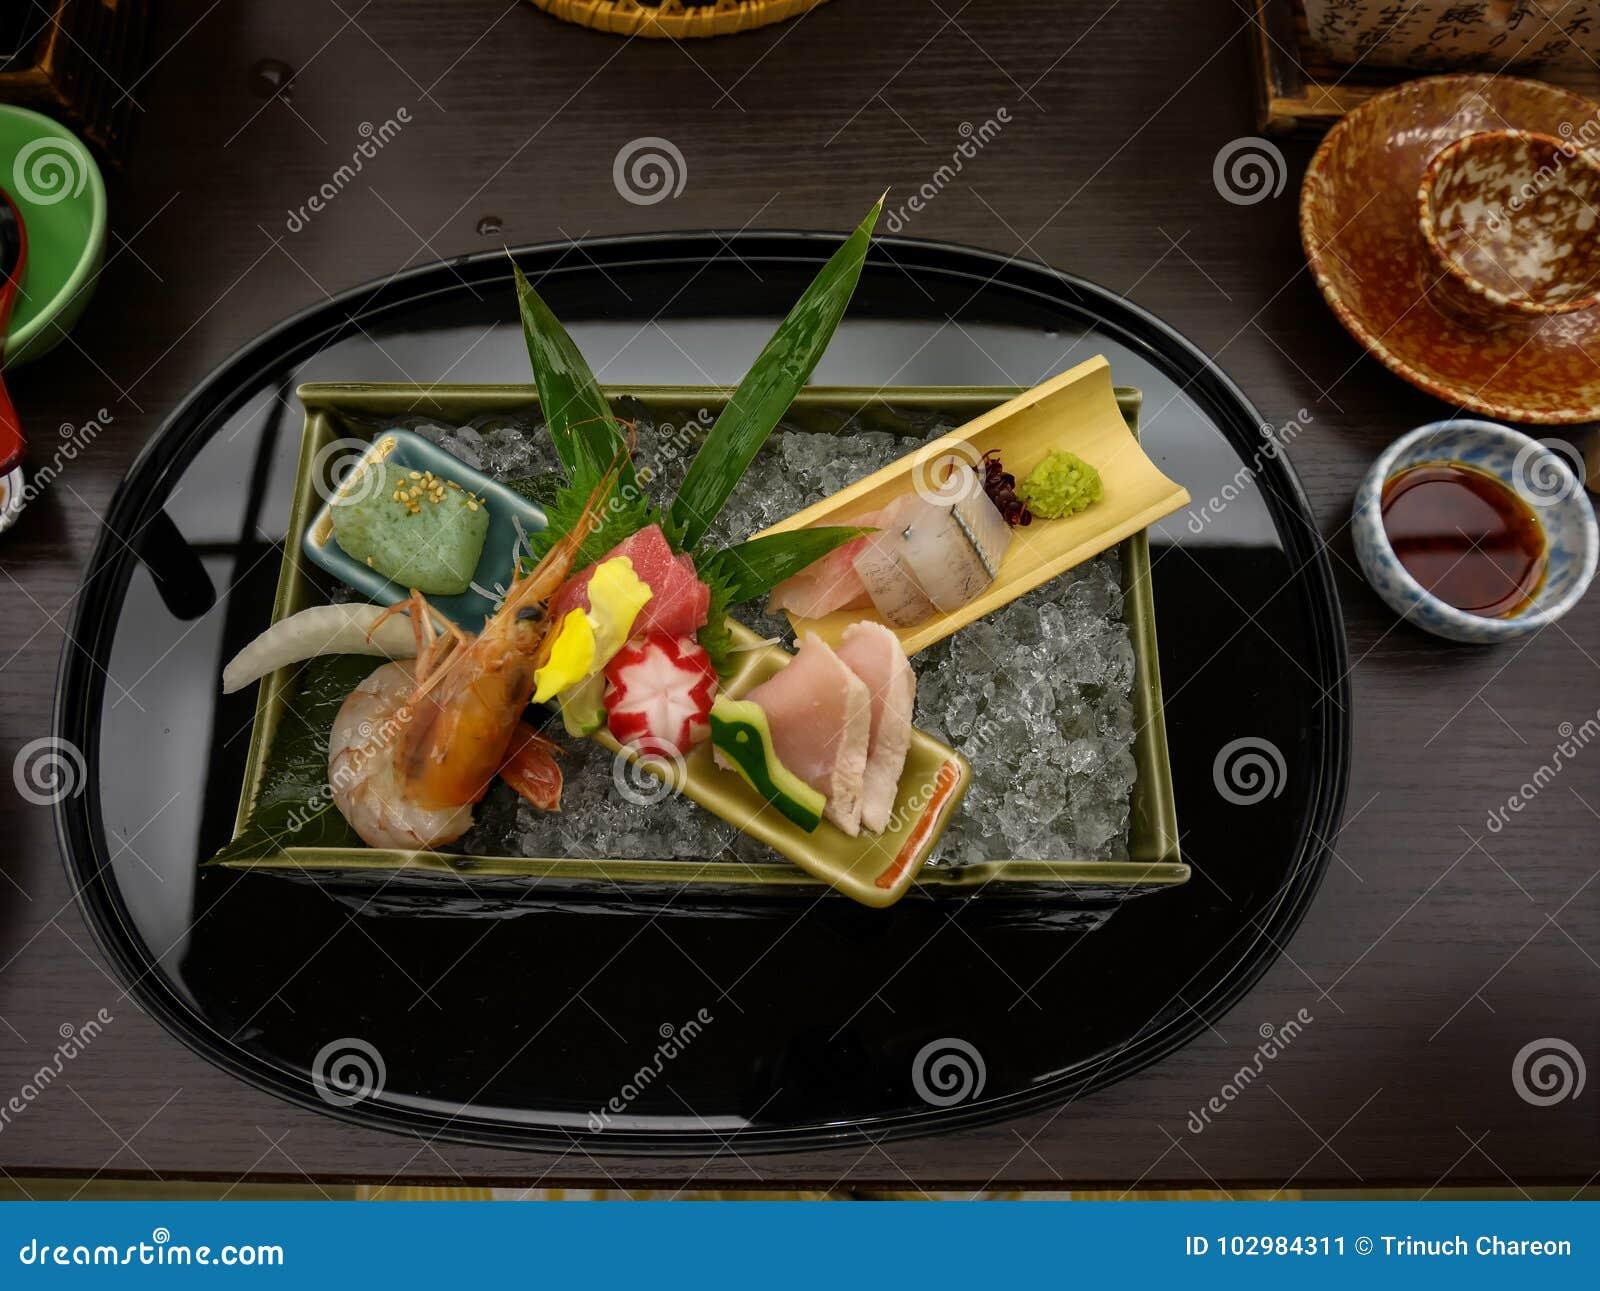 日本ryokan kaiseki晚餐装饰生鱼片设置了包括和平的蓝色飞翅金枪鱼,虾,更加伟大的琥珀鱼, halfbeak